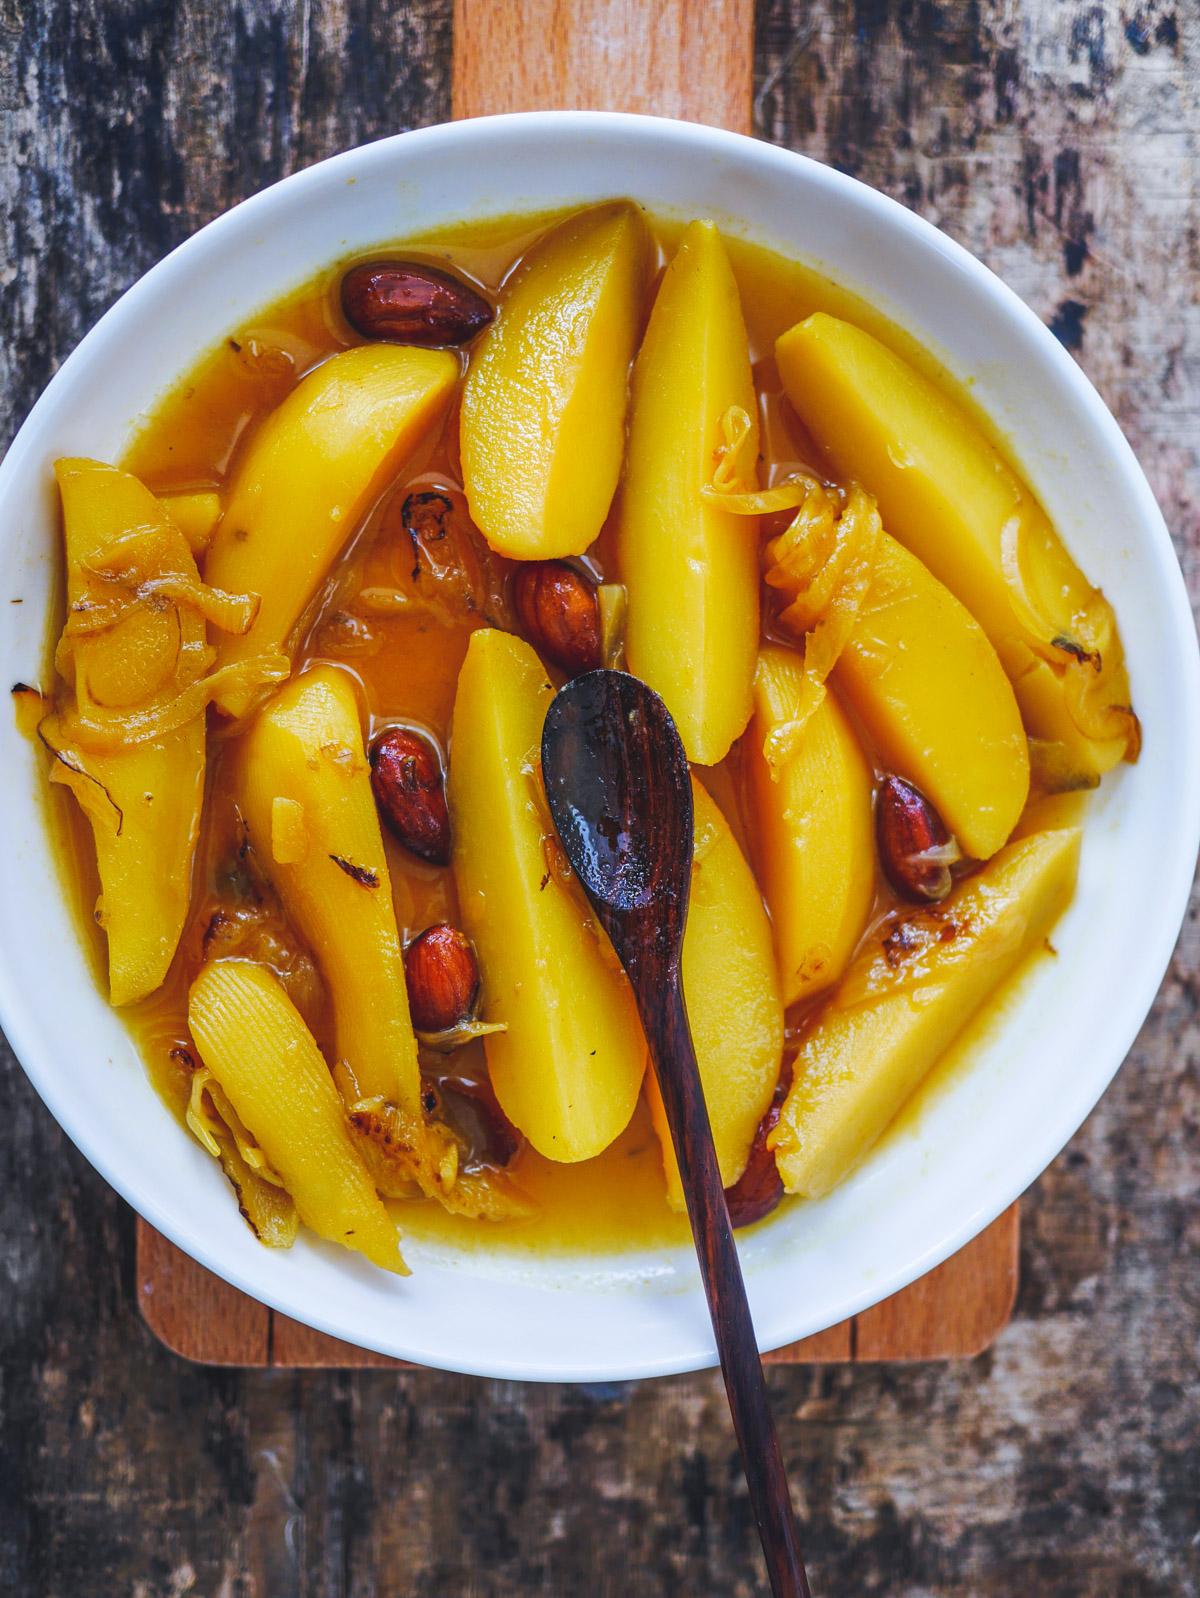 Ragoût de pommes de terre au safran